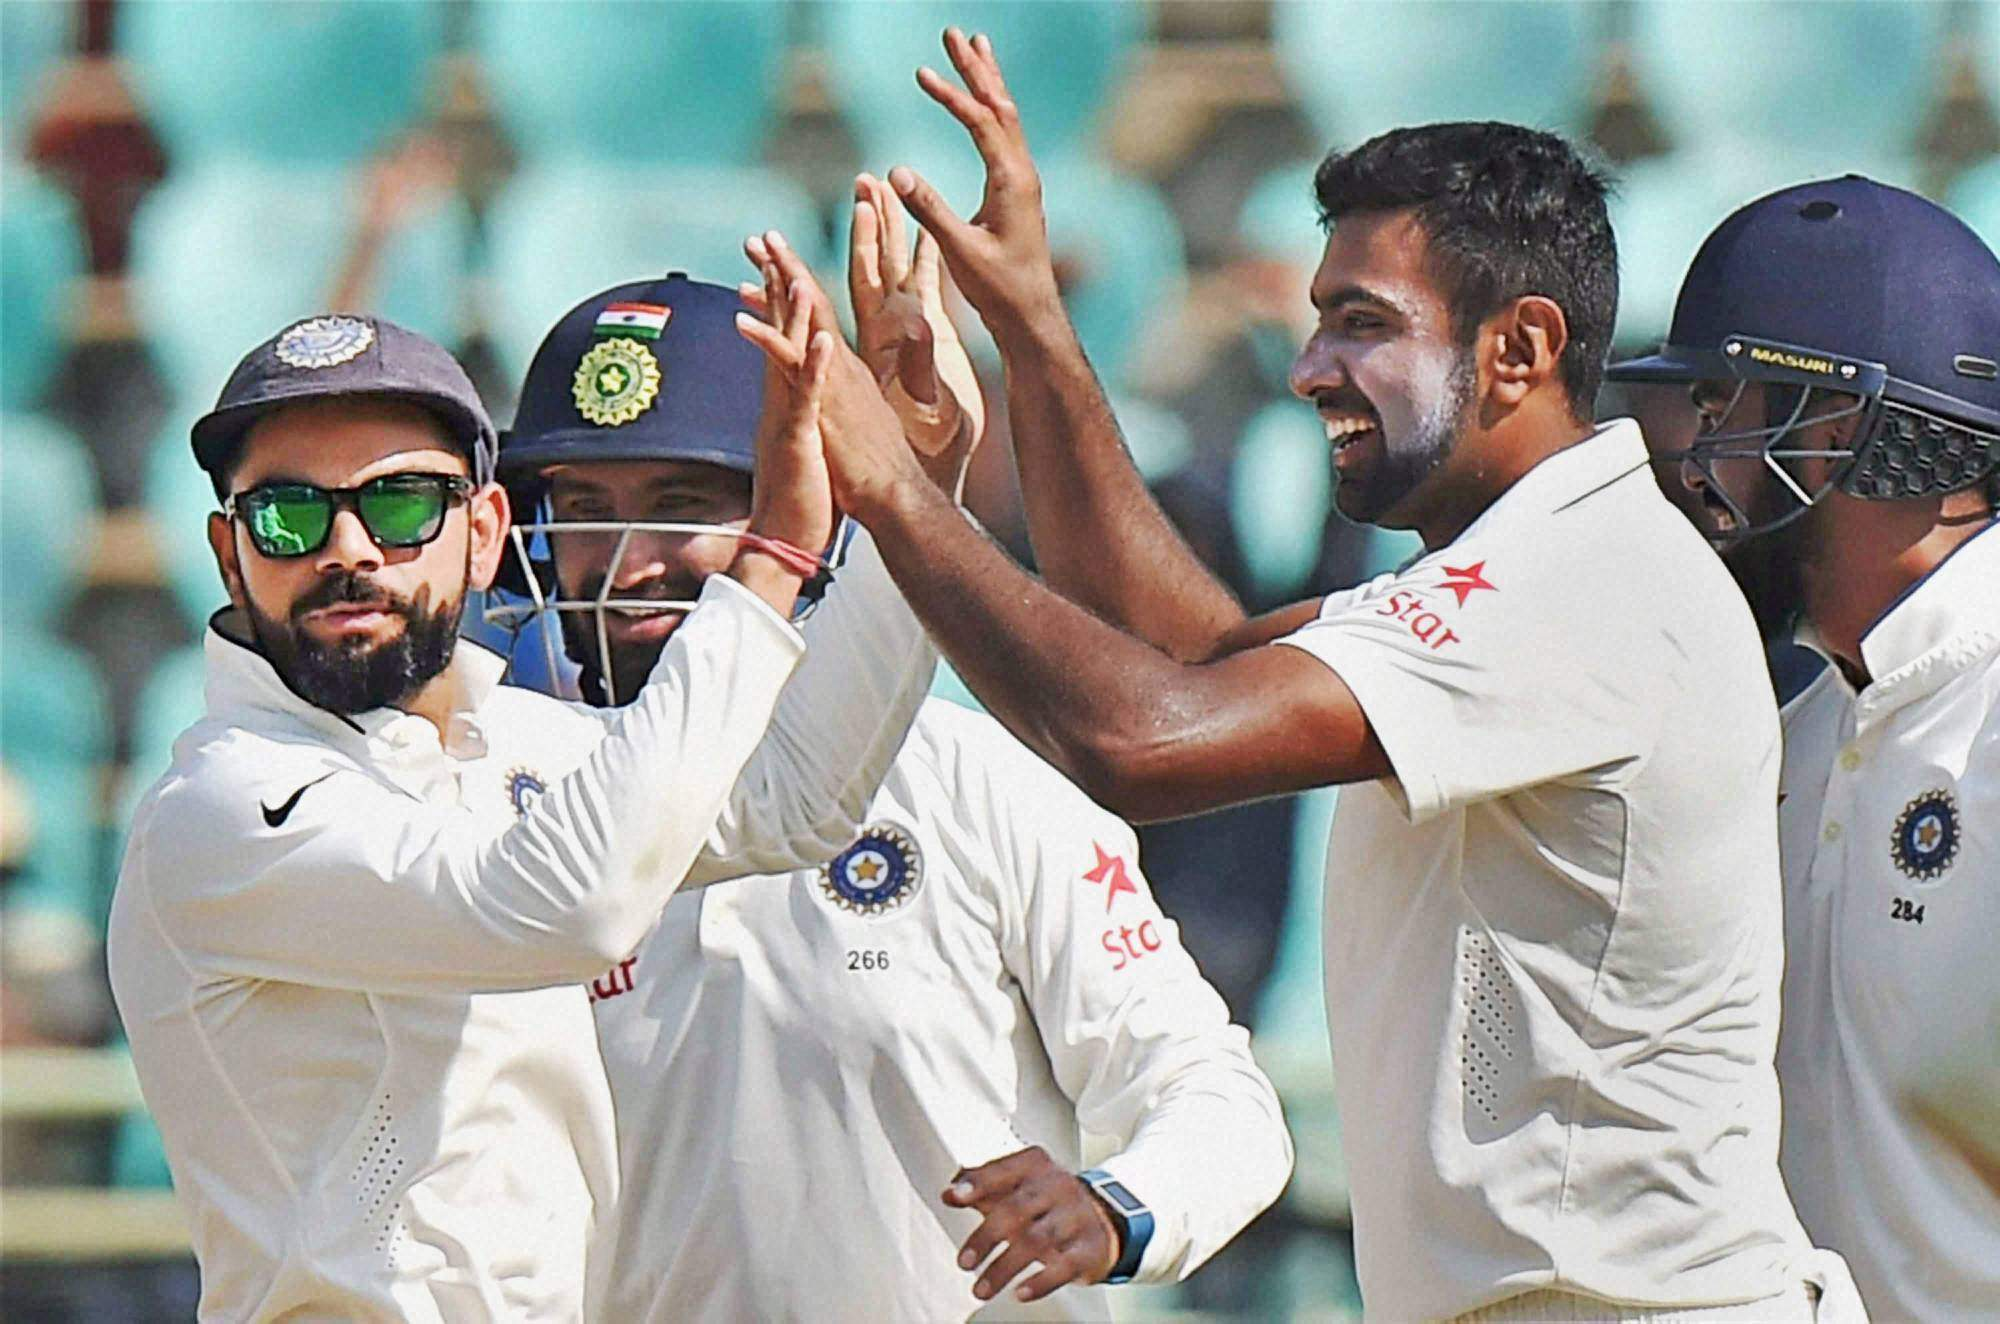 अफगानिस्तान के खिलाफ टेस्ट मैच के लिए भारतीय टीम में इन 15 खिलाड़ियों को मिलेगी जगह, विराट की जगह जाने कौन होगा टीम का कप्तान 7